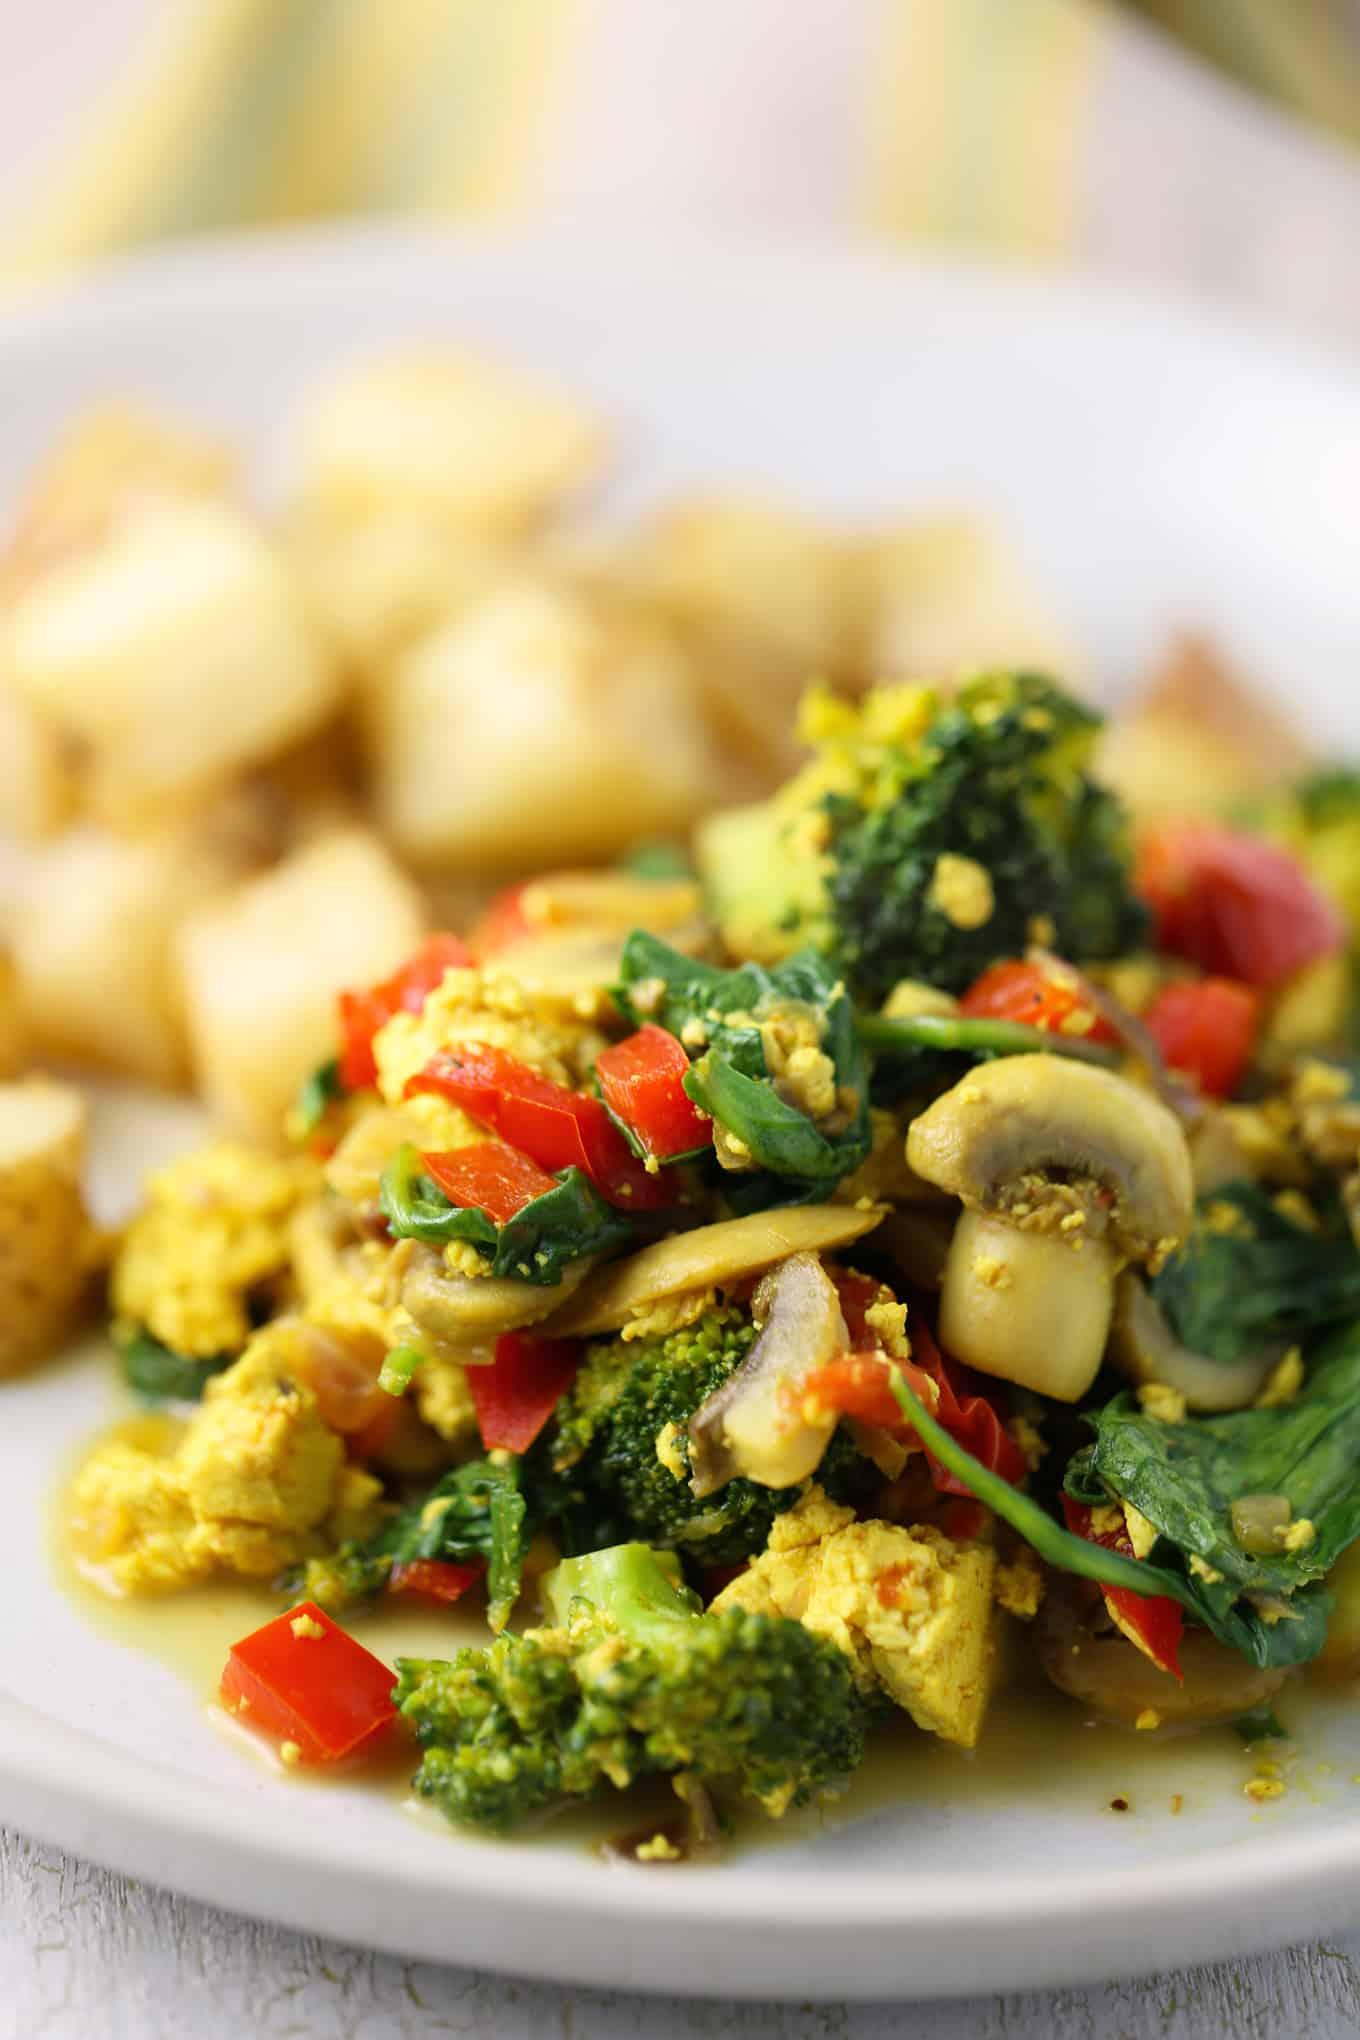 Tofu Scramble With Veggies And Roasted Potatoes The Vegan